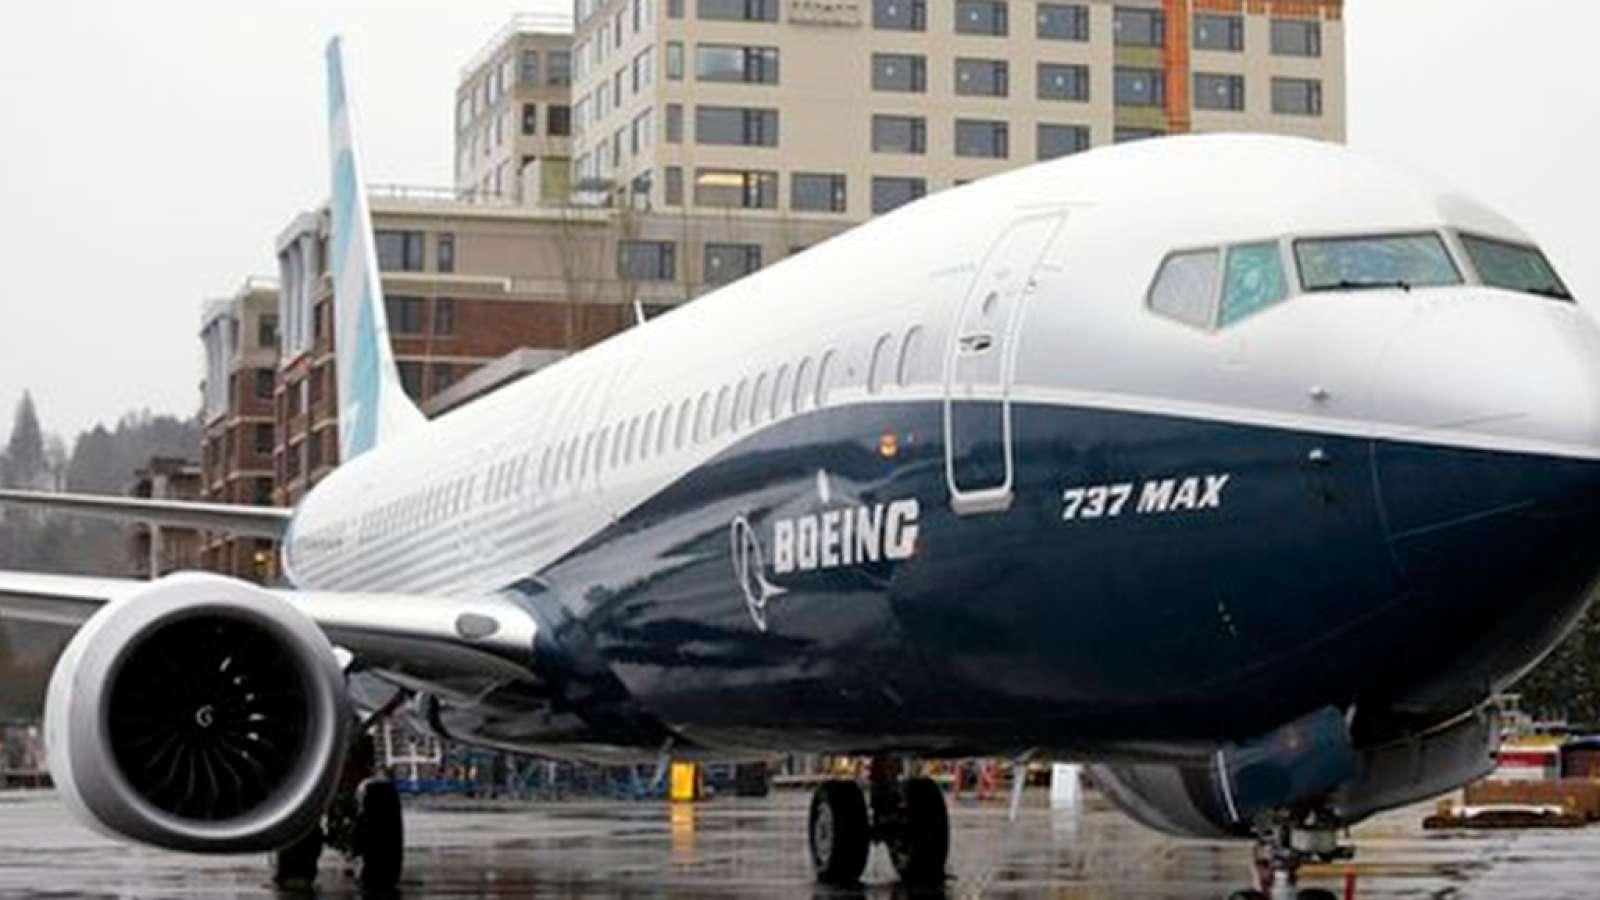 Testflüge vorerst eingestellt: Boeings neuer Jet 737 MAX kämpft mit Triebwerksproblemen. (Archivbild)